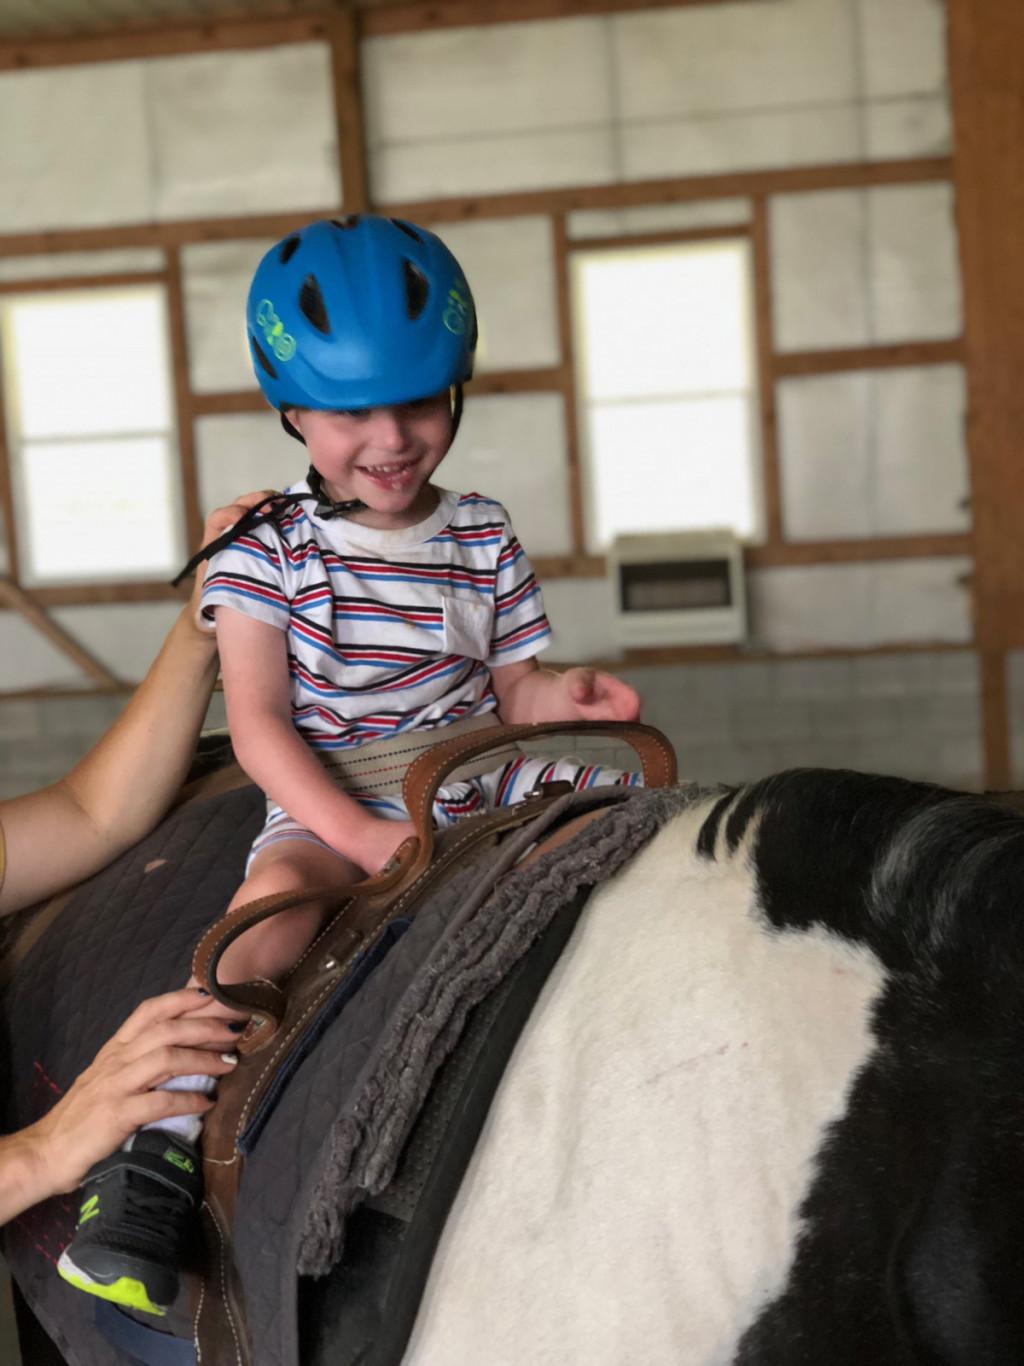 Višina vihra, ki mora biti izrazit in dolg, vendar ne previsok, naj bi bila od 150 do 158 cm, kar se do neke meje lahko prilagaja višini terapevta, saj mora ta zaradi varnosti in terapije vedno doseči ramo pacienta na konju.